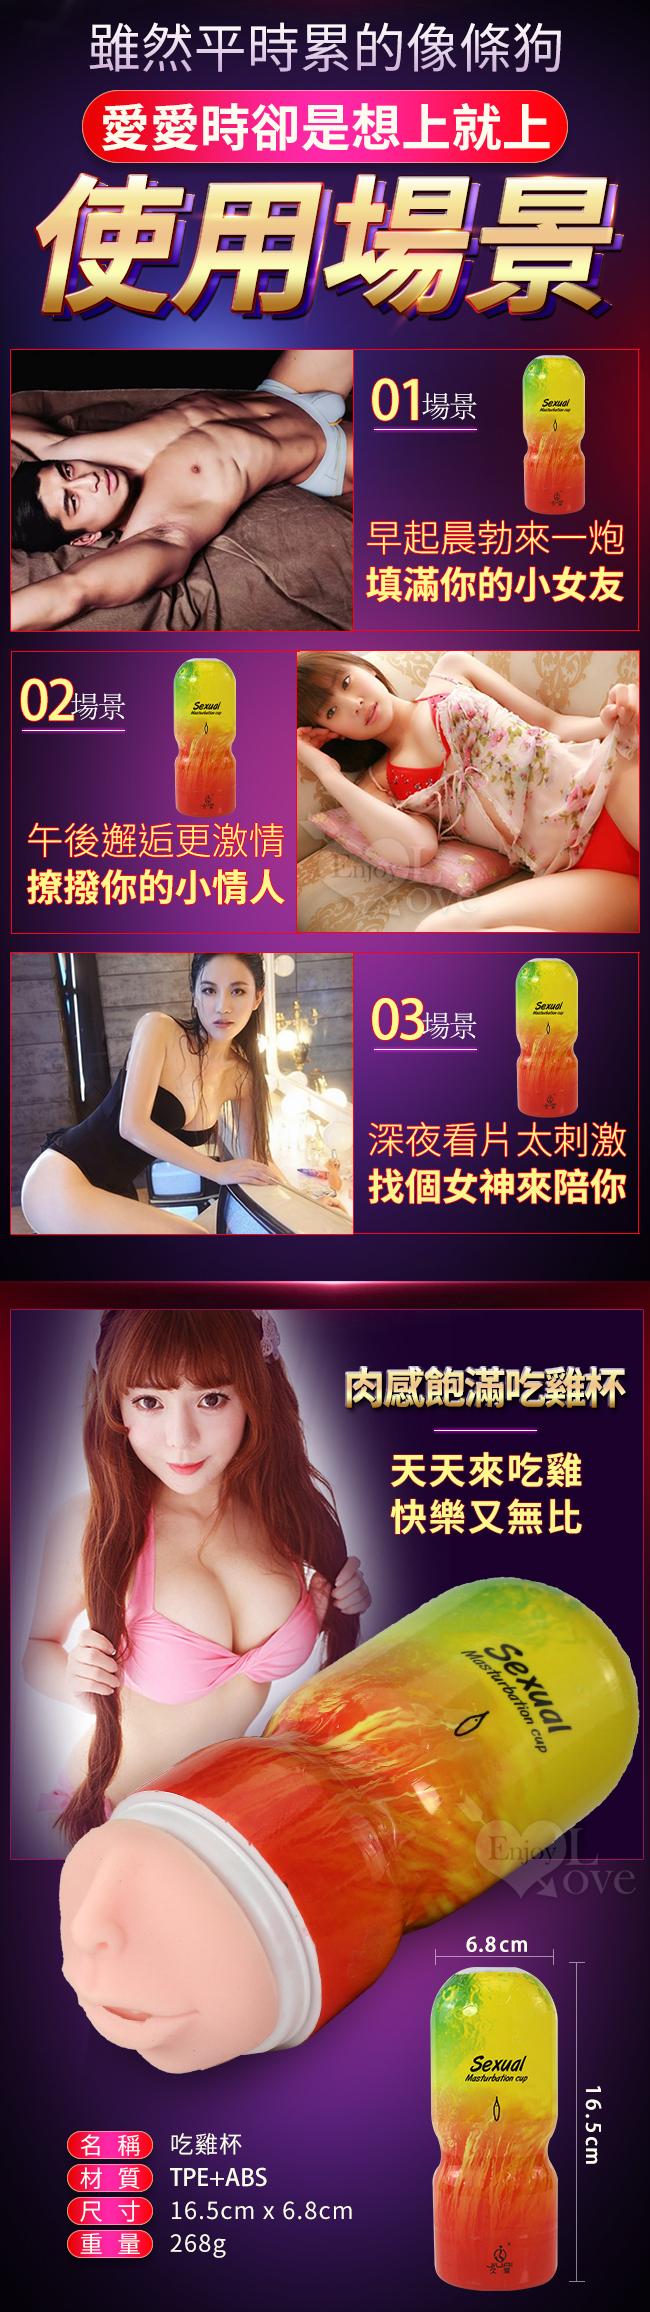 Sexual 妖狐小紅娘 老二吃雞杯﹝深喉口交挺樂﹞-商品詳細圖-1